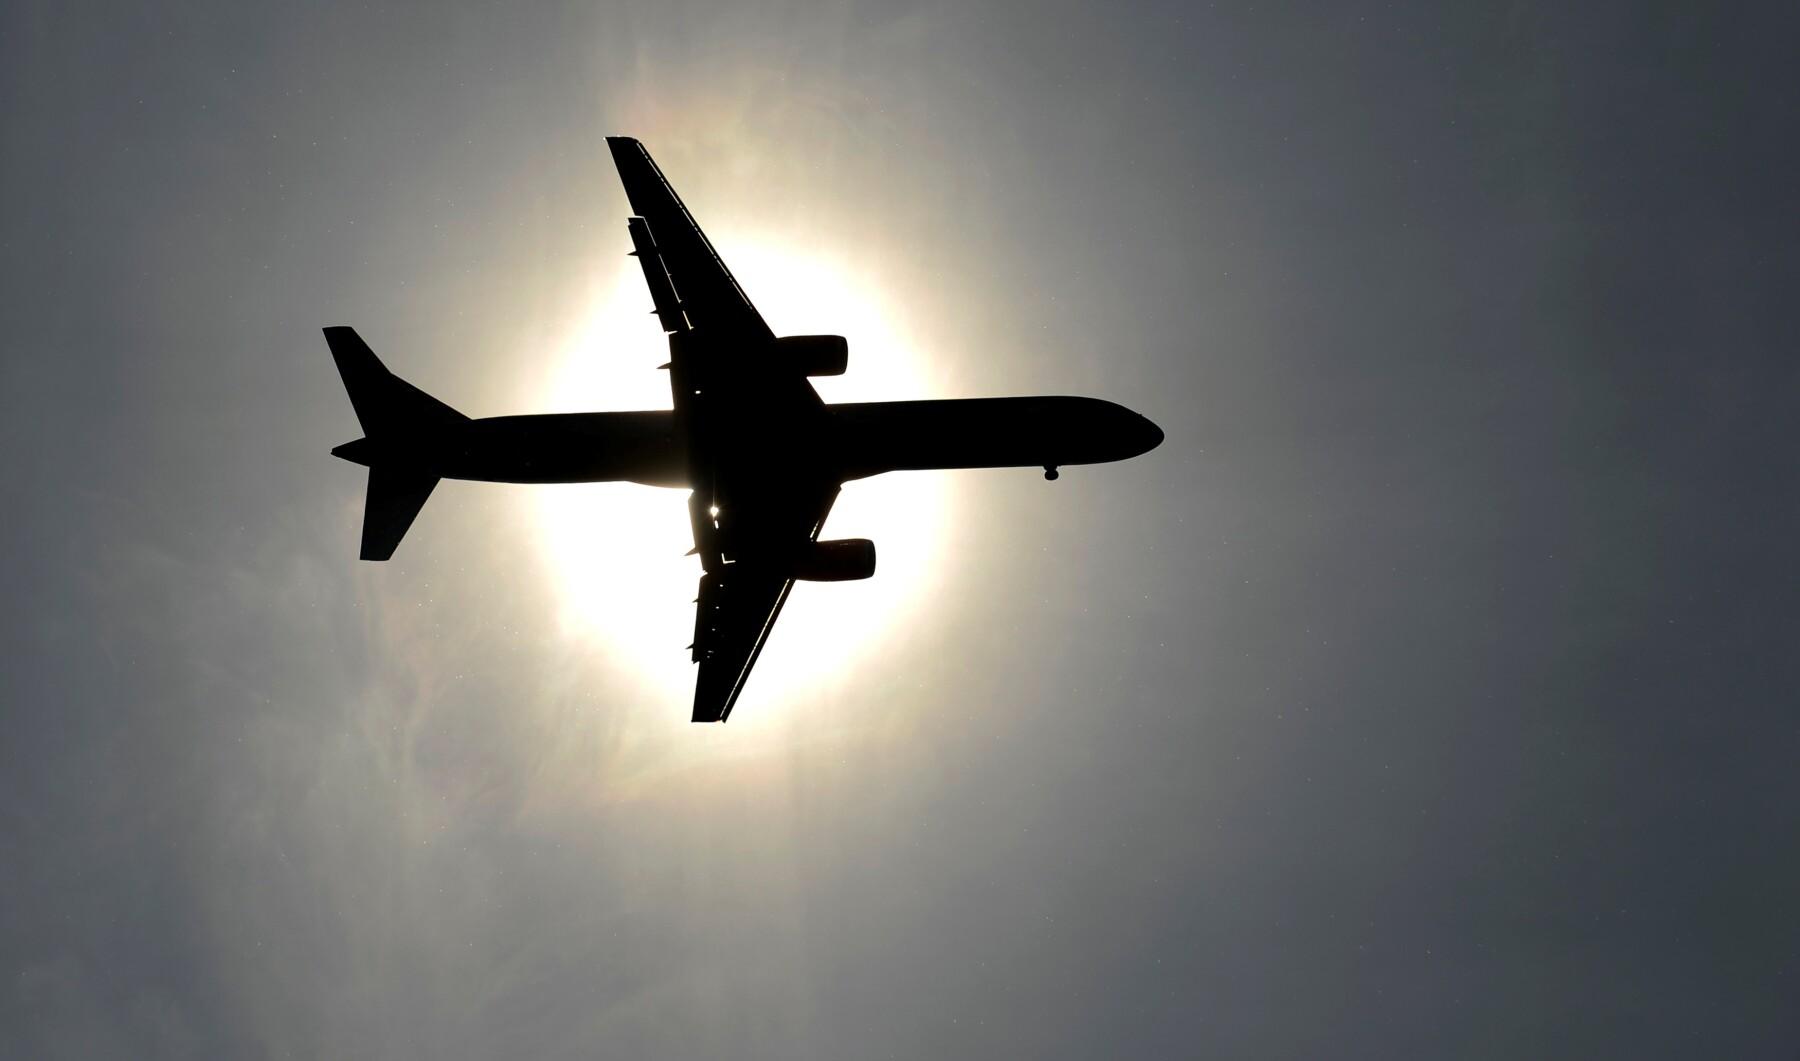 Aeroméxico dijo que durante los próximos meses dejará de cobrar cargos a pasajeros que hagan cambios en algunas de sus rutas.